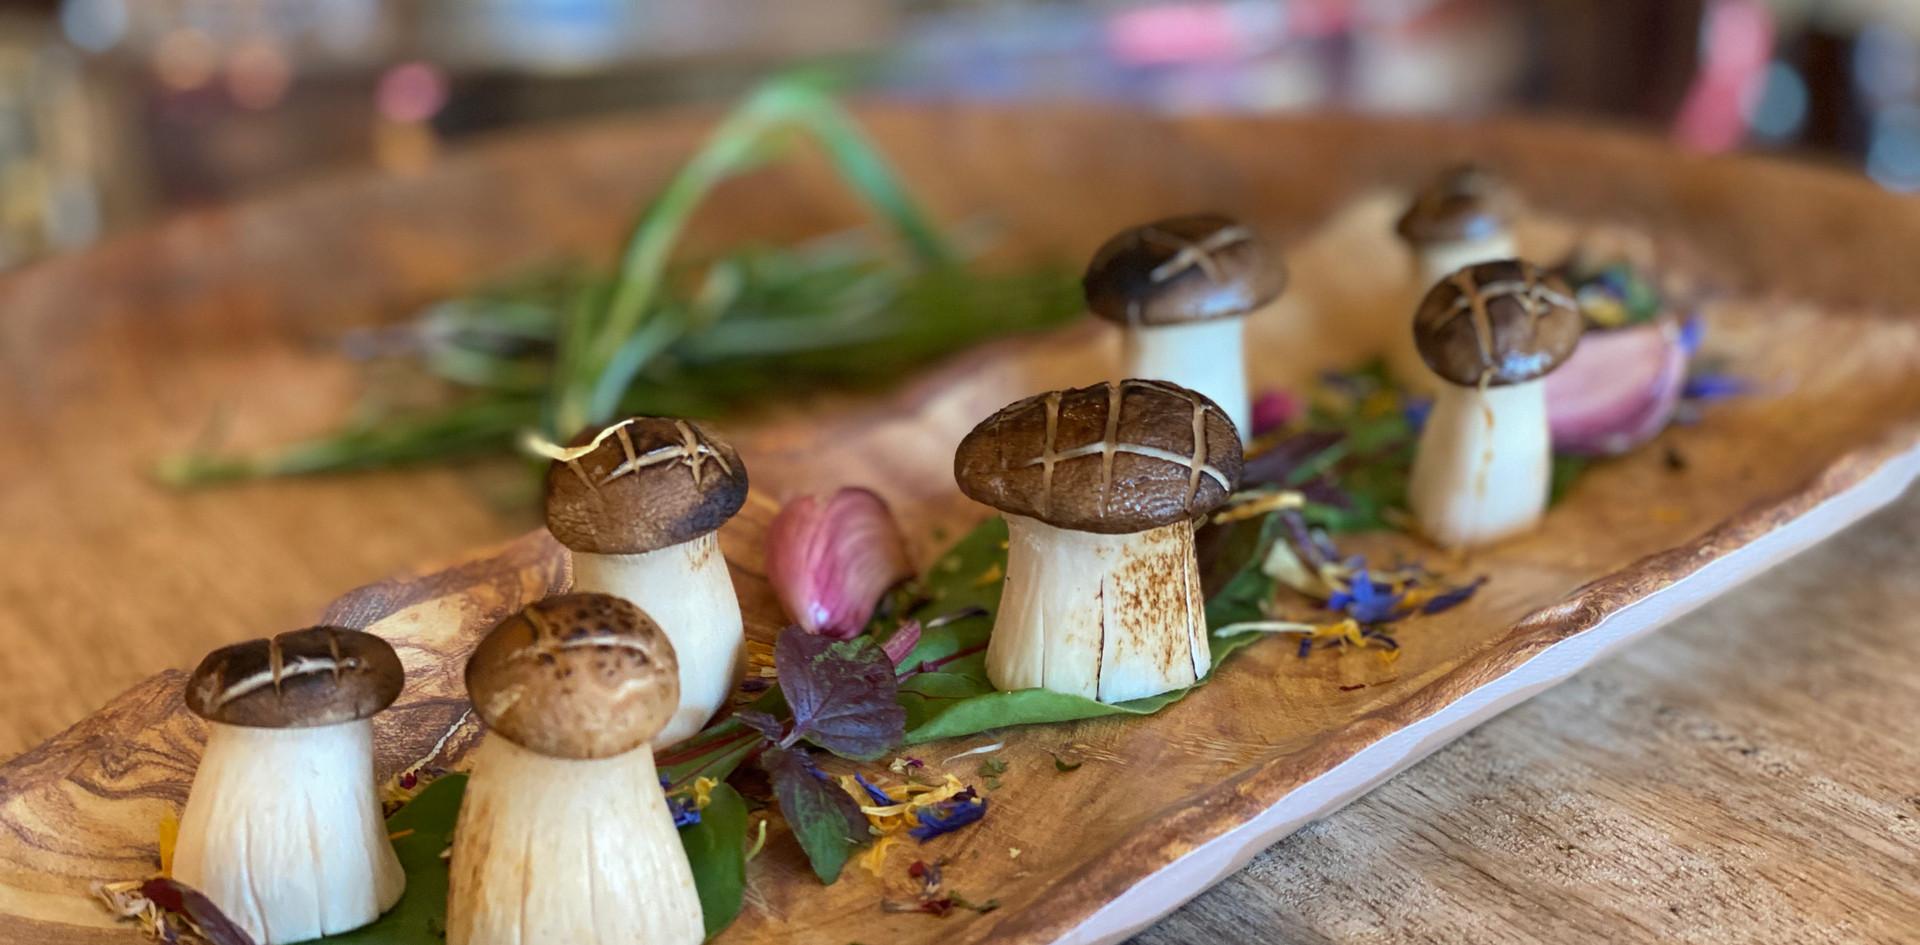 kunstvolle Pilze Restaurant Dinner - Hotel Wegner - The culinary Art Hotel